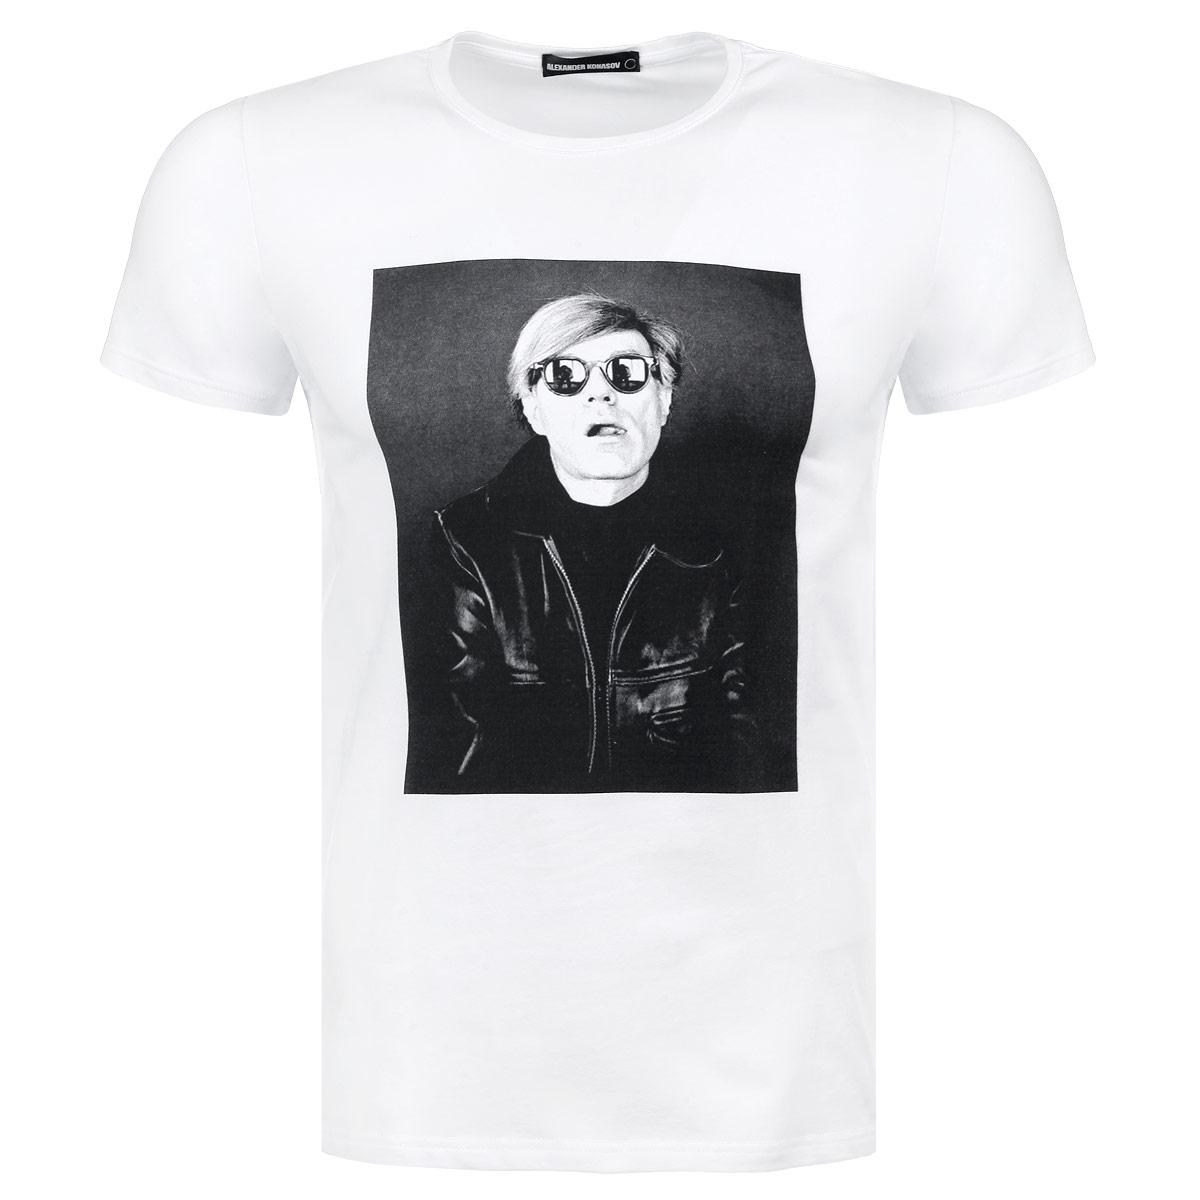 Футболка мужская Andy Warhol SunglassesAndy Warhol SunglassesСтильная мужская футболка Alexander Konasov, выполненная из высококачественного мягкого хлопка с небольшим добавлением лайкры, обладает высокой теплопроводностью, воздухопроницаемостью и гигроскопичностью, позволяет коже дышать. Модель с короткими рукавами и круглым вырезом горловины оформлена фотопринтом с изображением Энди Уорхола в солнечных очках. Эта футболка - идеальный вариант для создания эффектного образа. Все изделия бренда Alexander Konasov кроятся только по лекалам из высококачественной ткани, идеально сидят на фигуре, после стирки не деформируются.